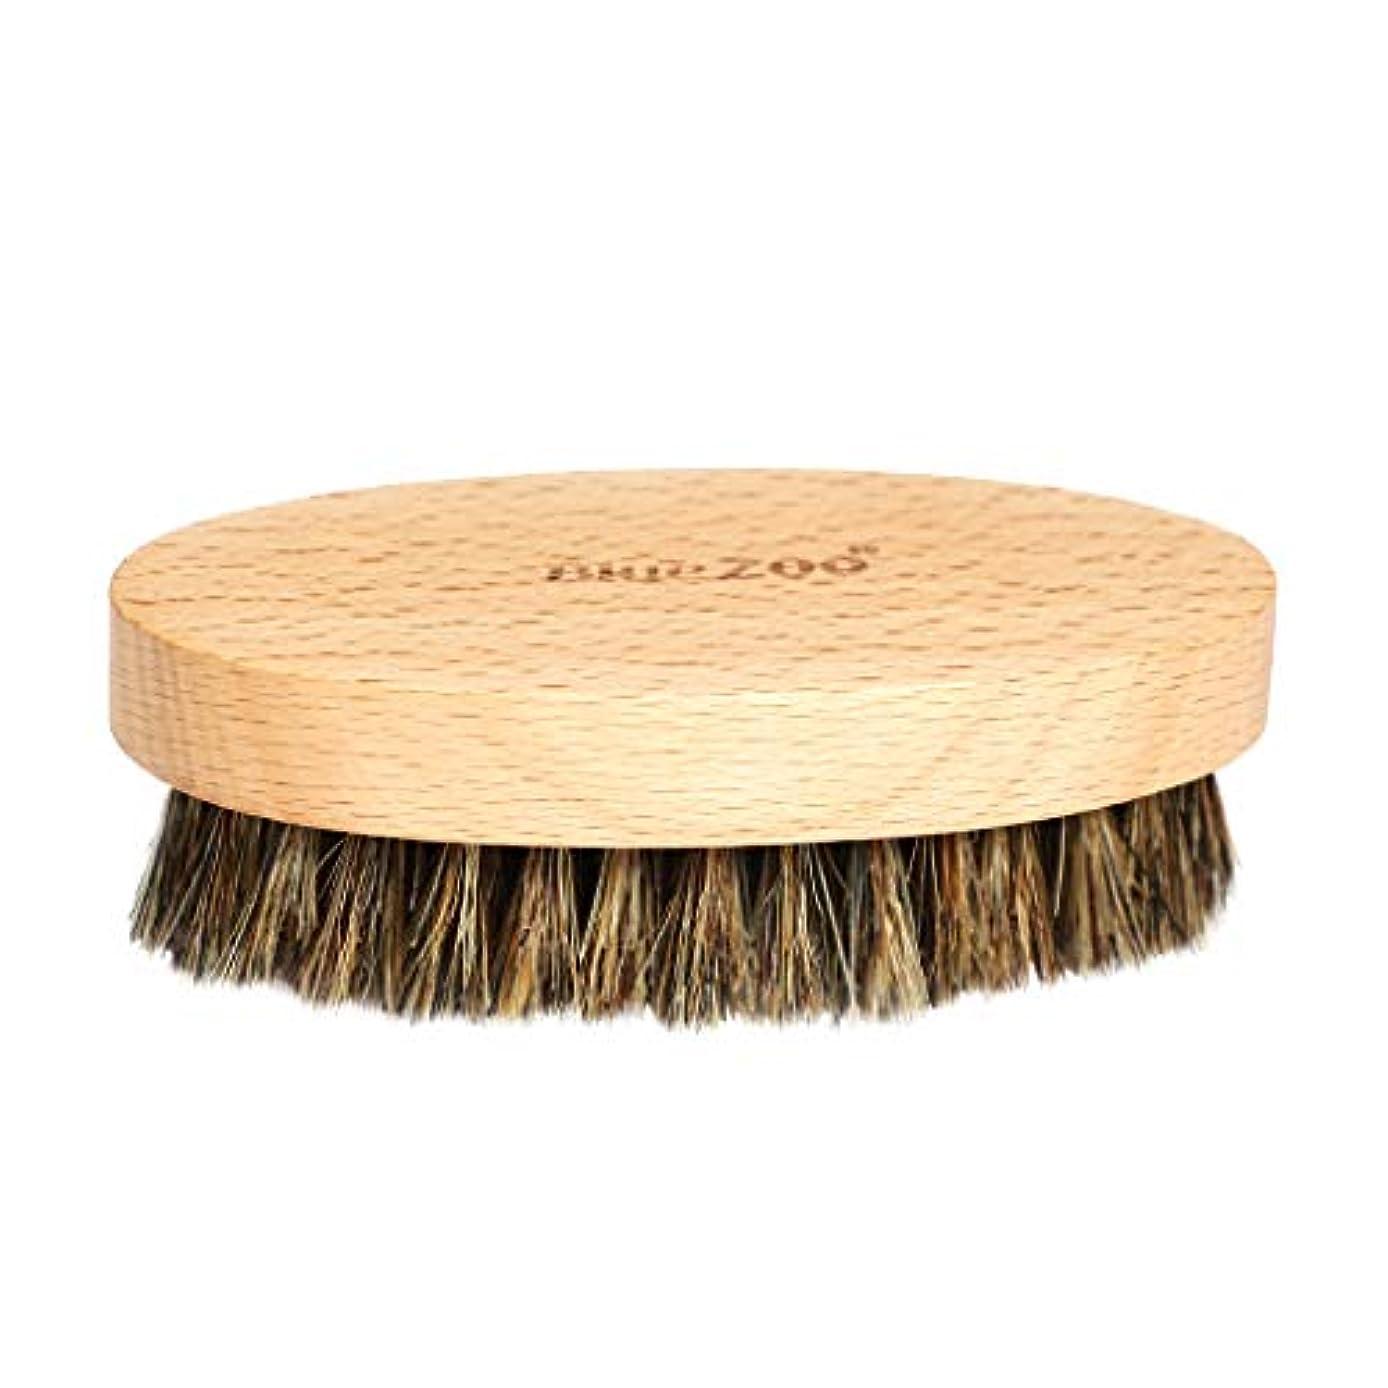 無傷対角線病者シェービングブラシ 硬い毛 ひげブラシ 男性 髭剃り 清潔用